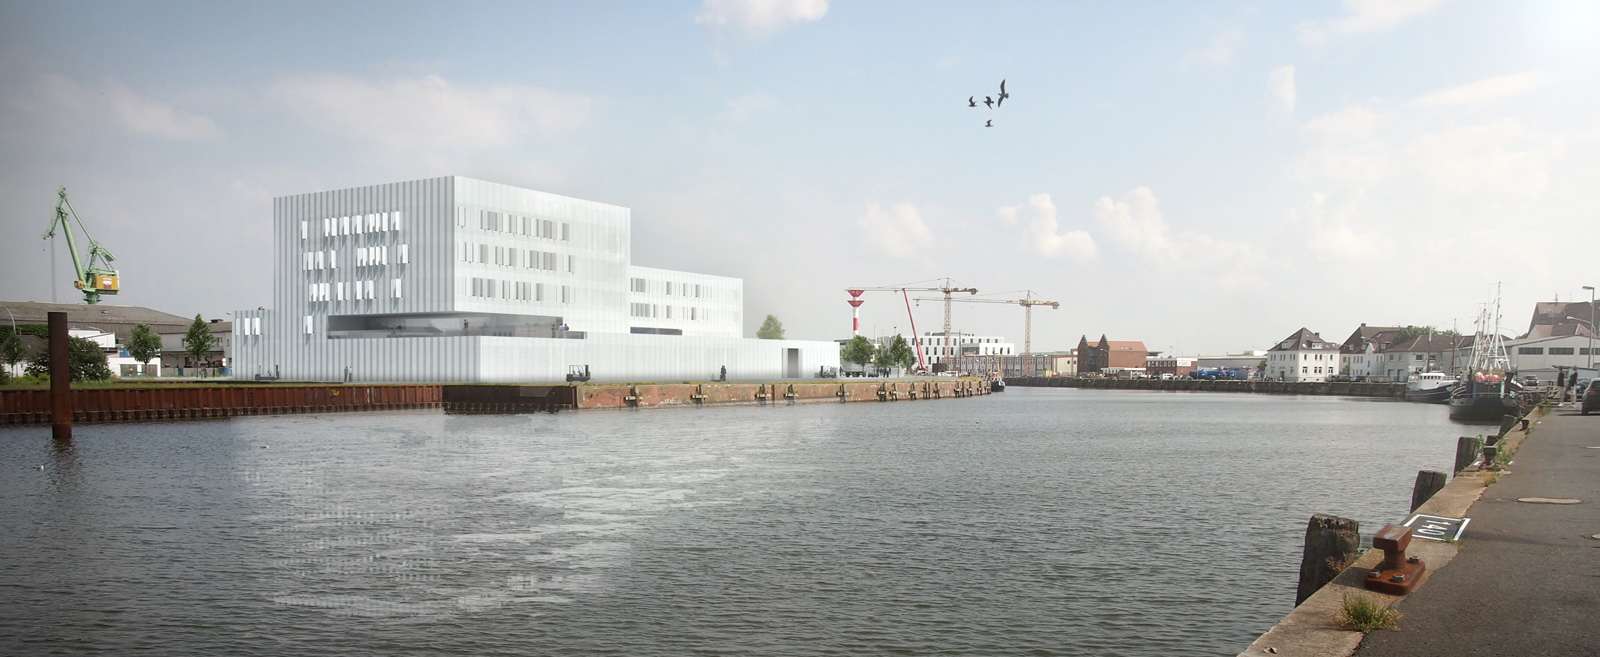 Architekten Bremerhaven 1 preis johann heinrich thünen institut competitionline